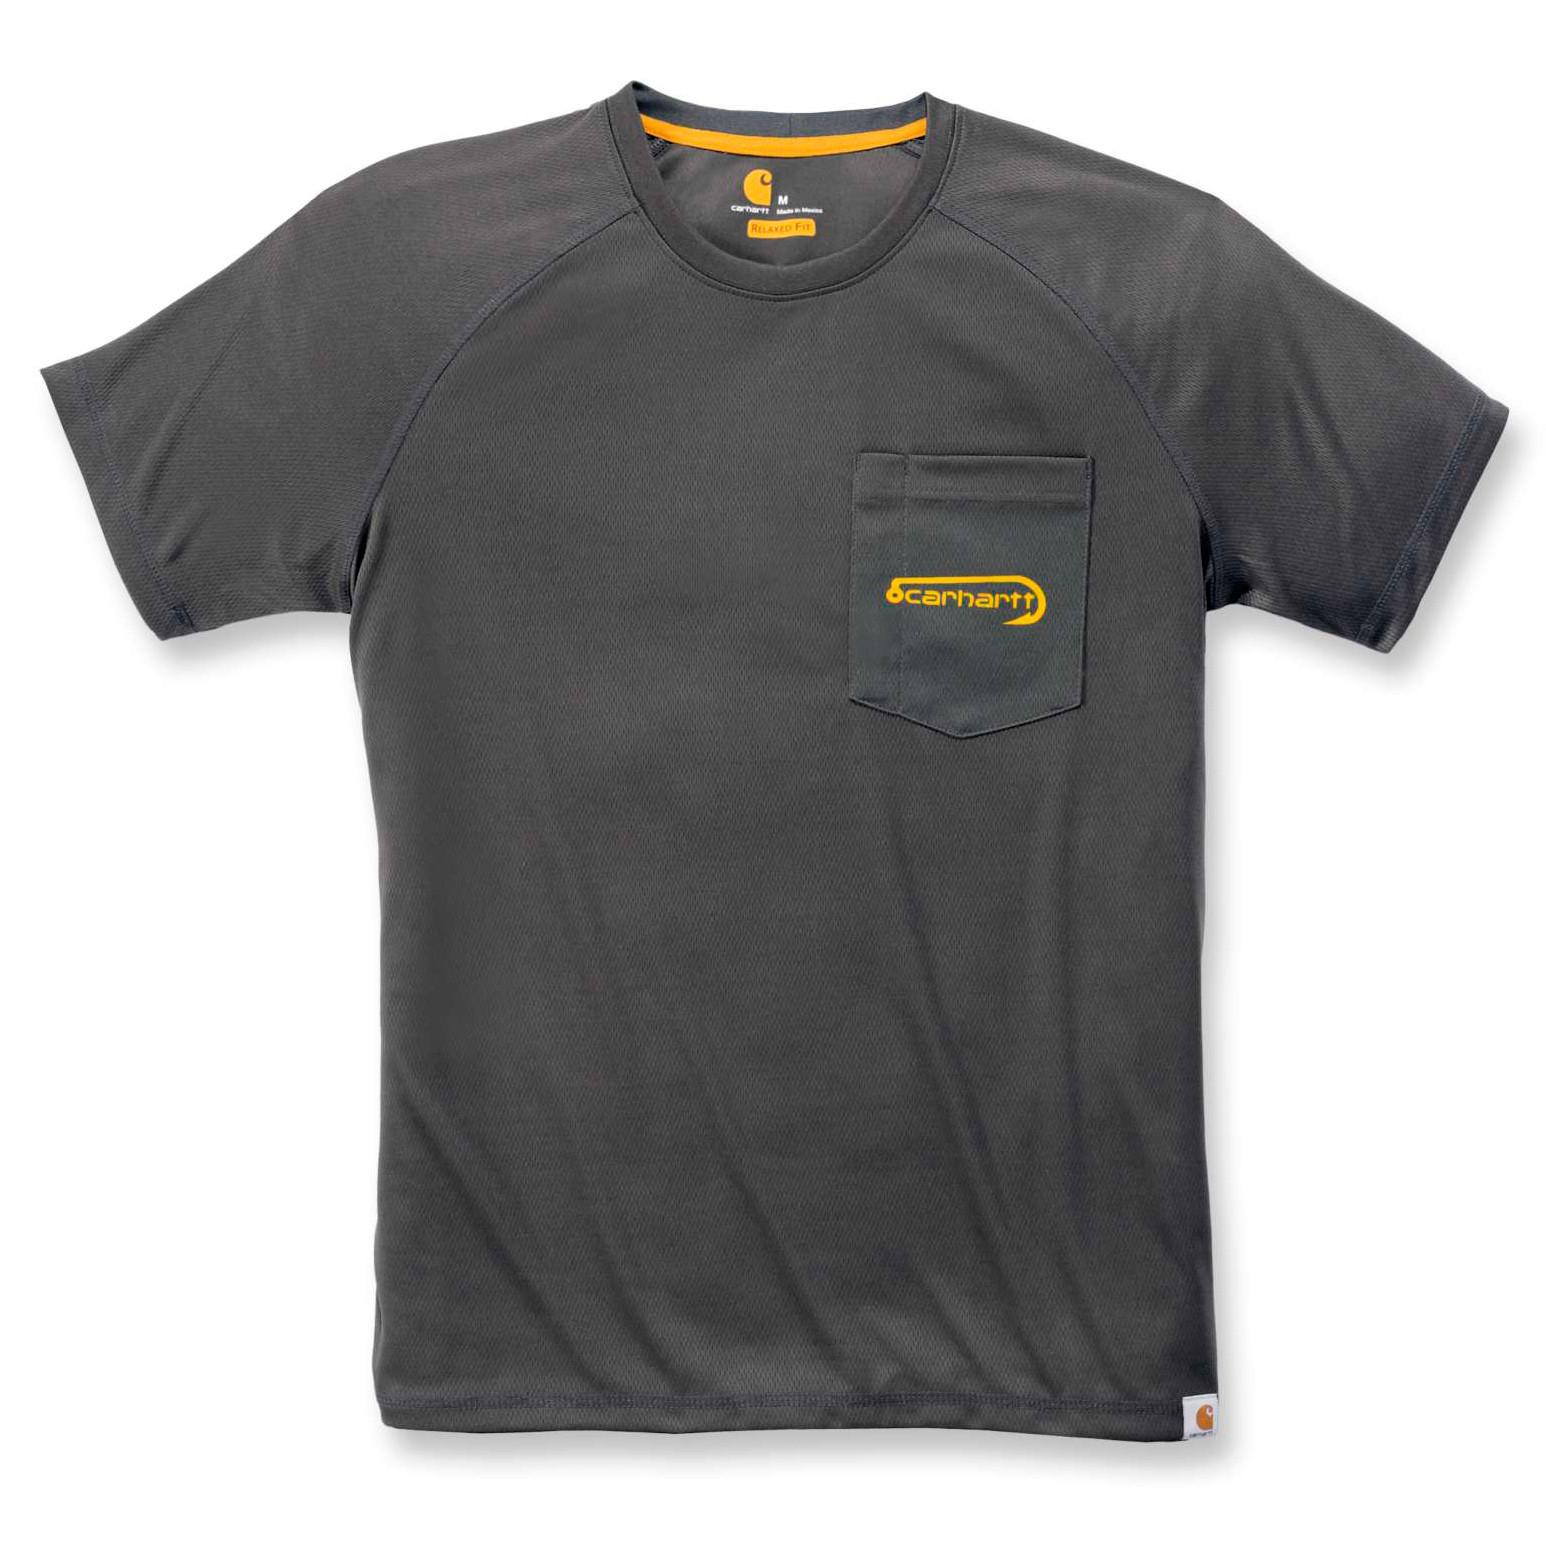 Футболка Carhartt Fishing T-Shirt S/S - 103570 (Shadow, XS)